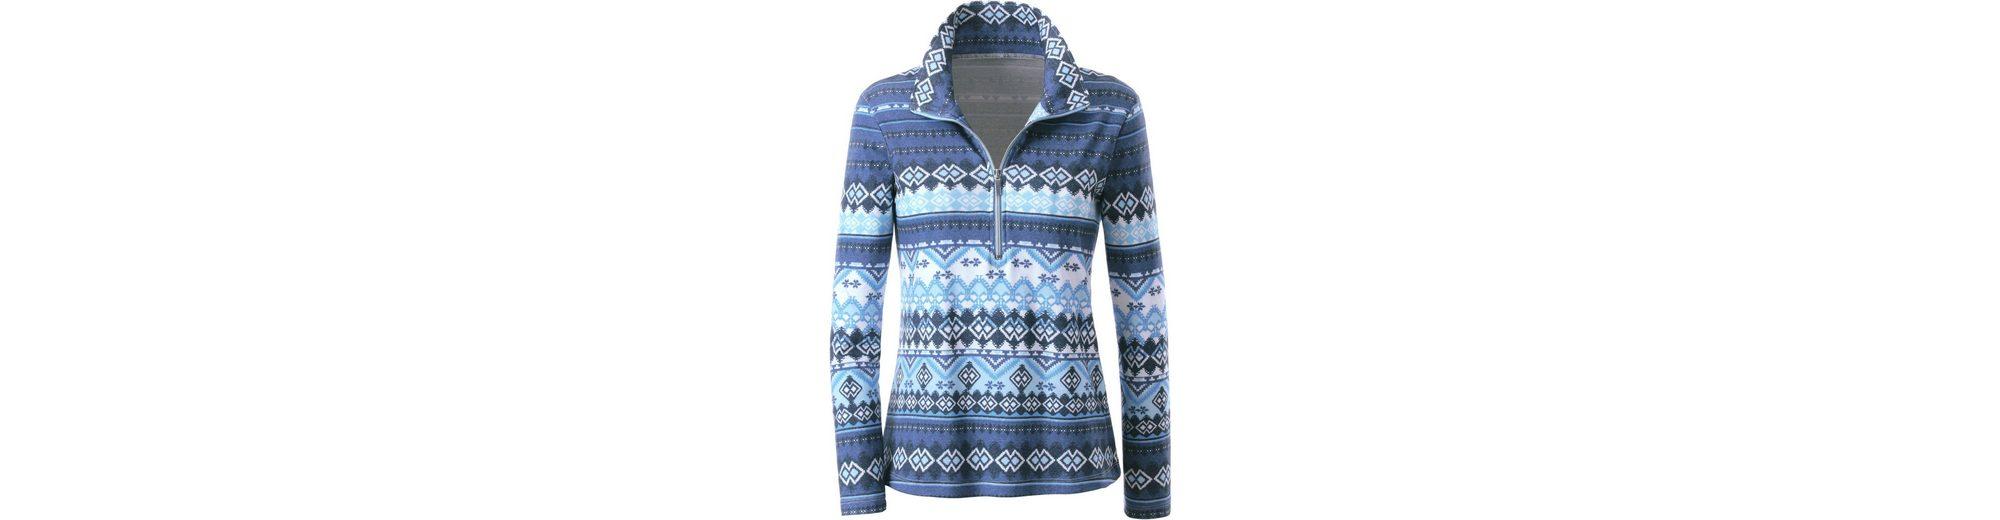 Collection L. Shirt im klassischen Norwegermuster-Druck Rabatt Limitierte Auflage Steckdose Online Auslass Großhandelspreis XL4j1E